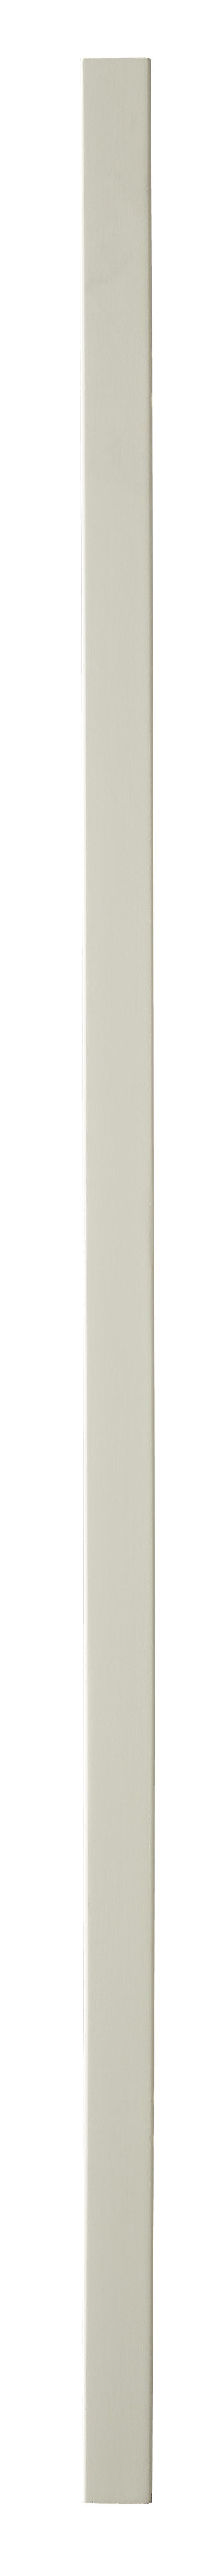 1 White Plain Baluster 1100 32